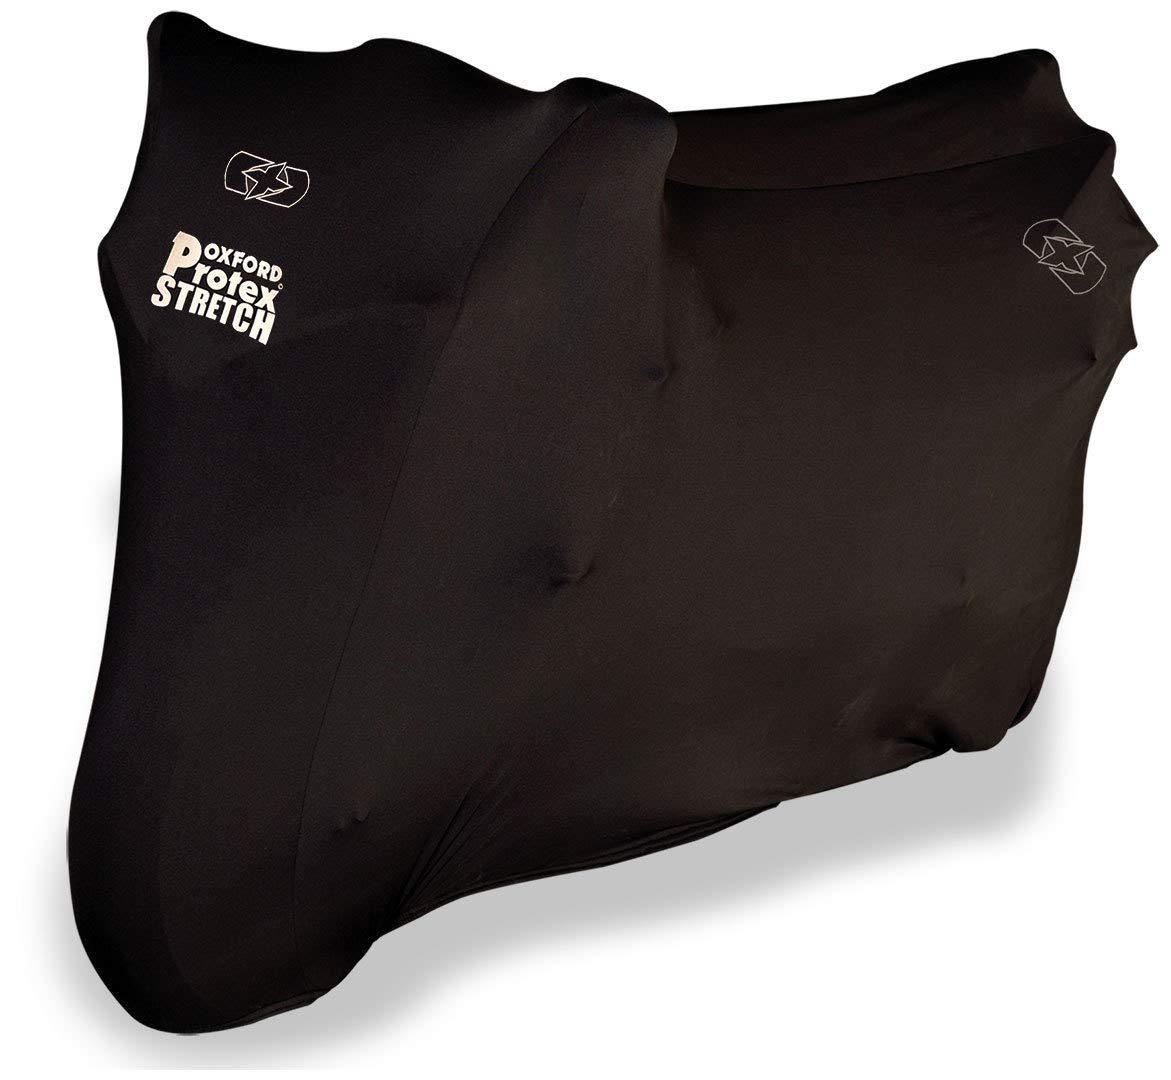 M para Moto de Ajuste de Interior Color/Negro el/ástica Oxford Cubierta Protectora Protex pr/émium